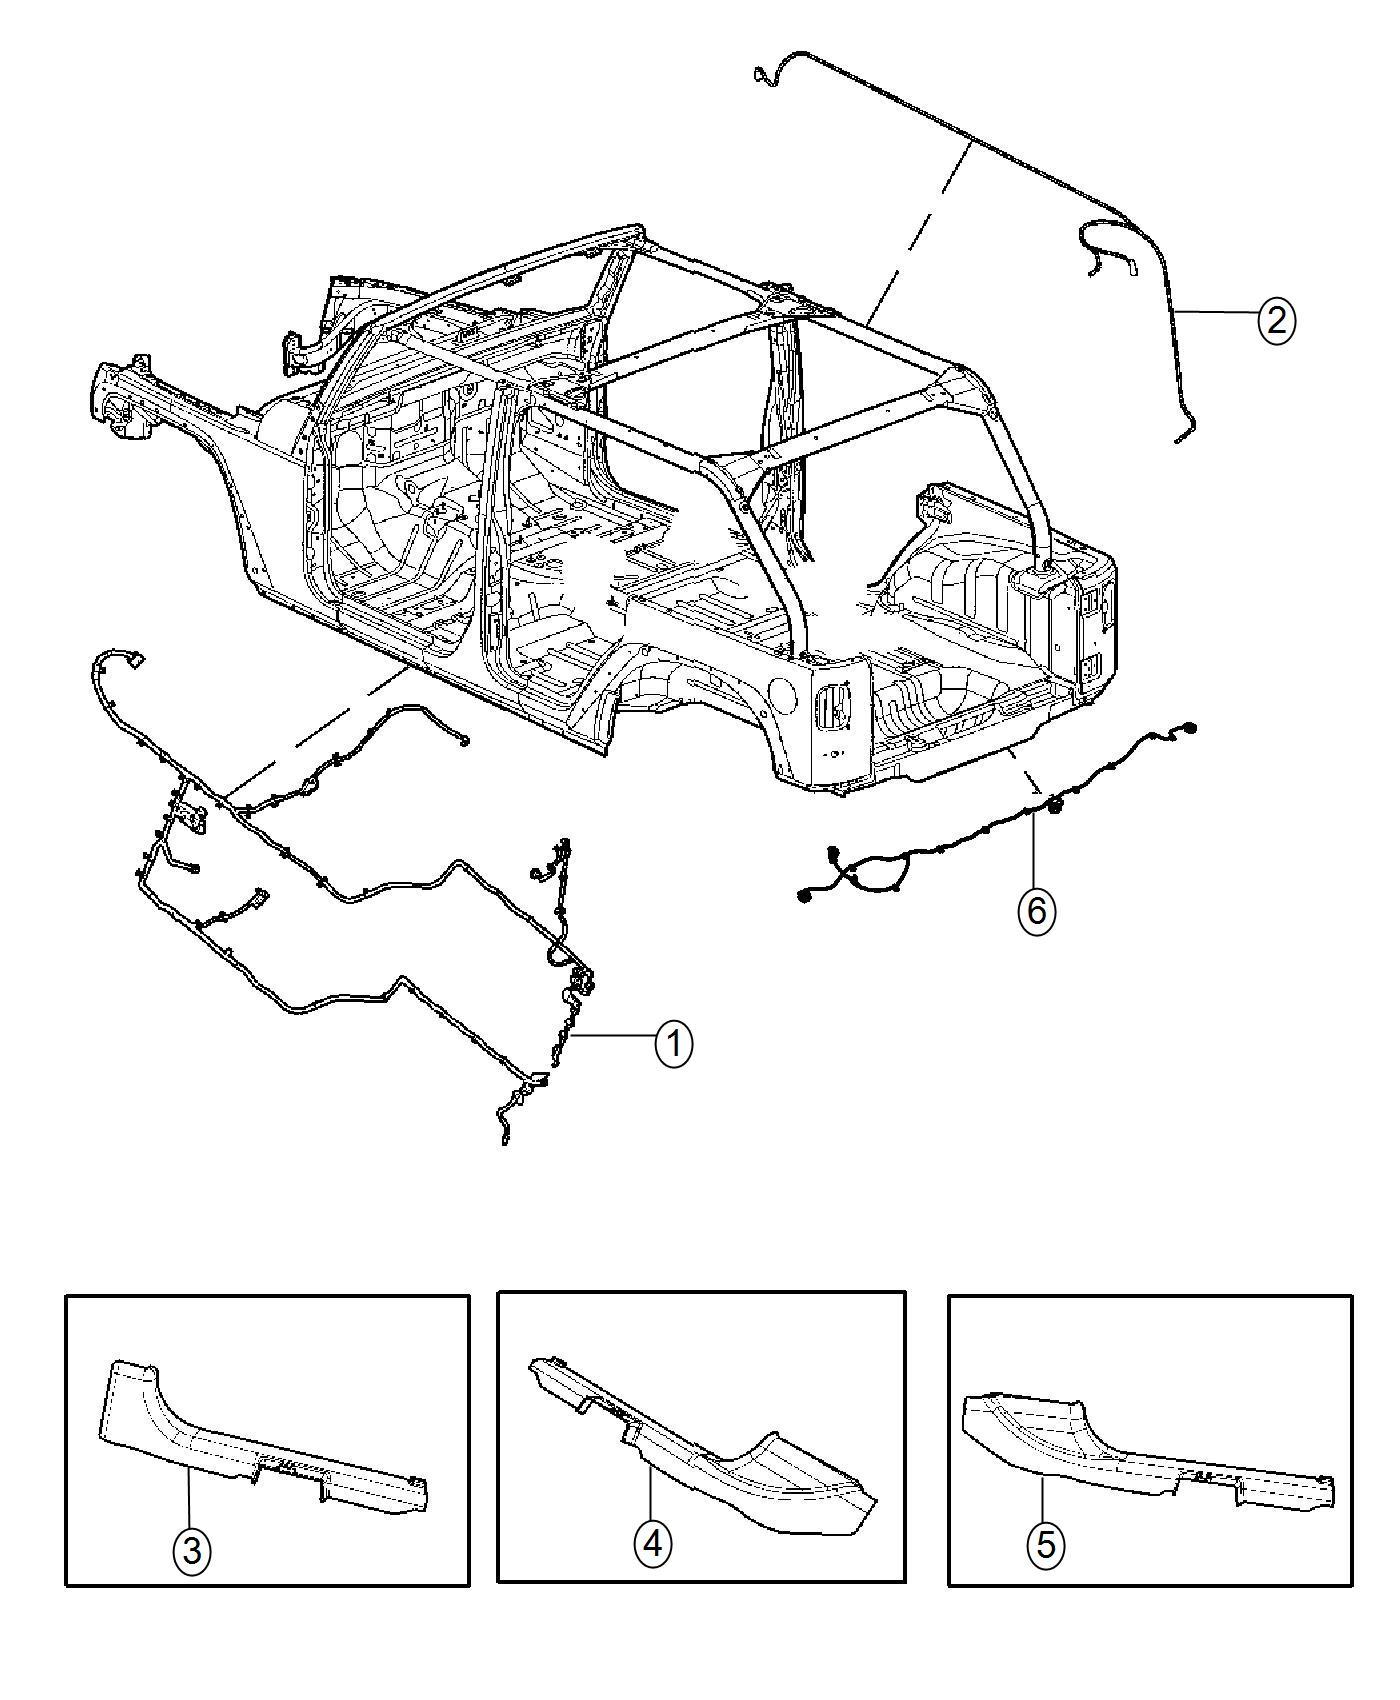 Jeep Wrangler Wiring Console Trim No Description